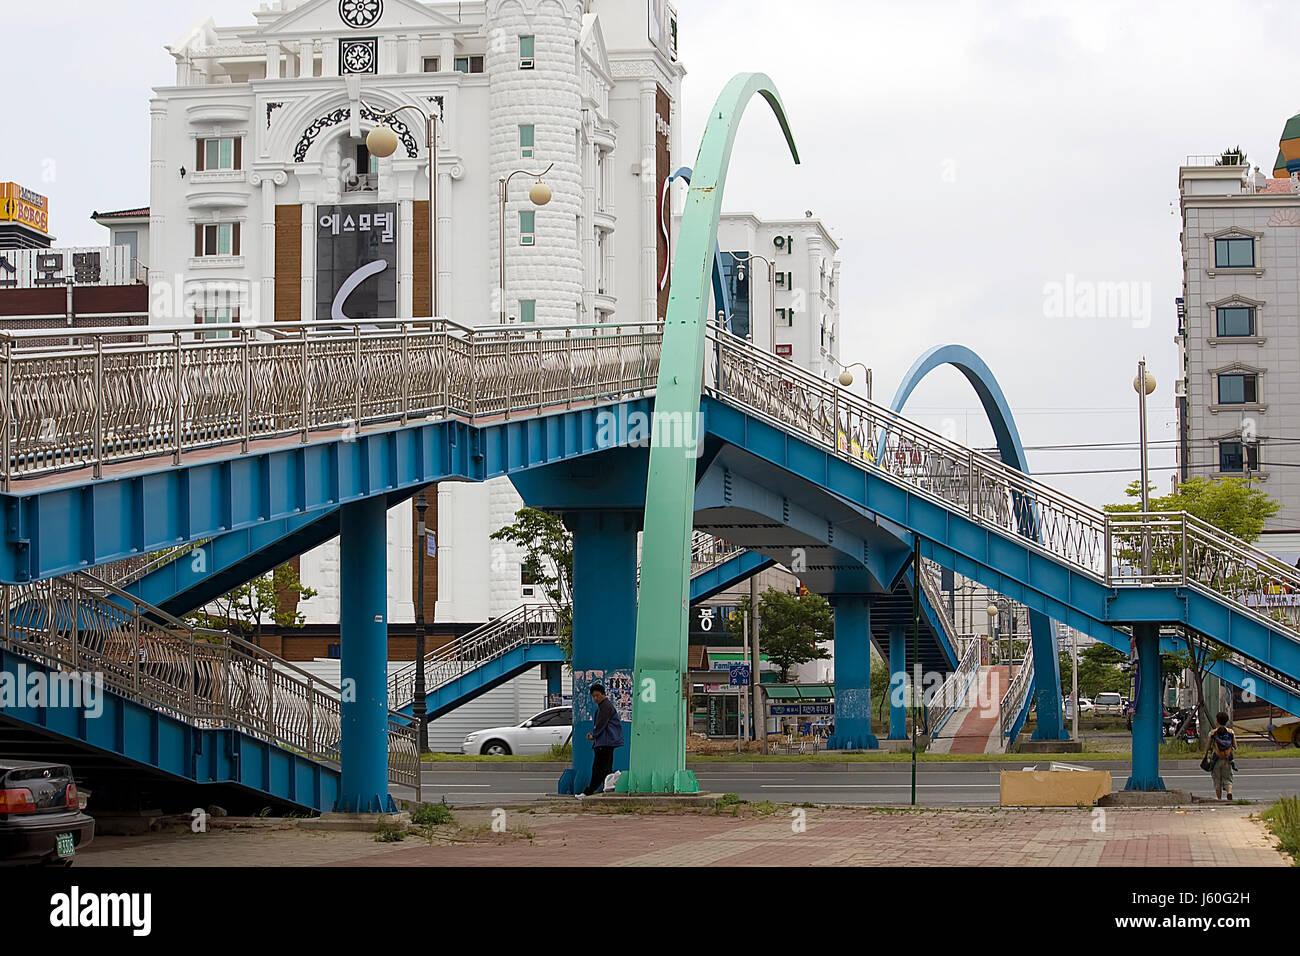 city town asia bridge pedestrian korea crossover city town asia bridge - Stock Image